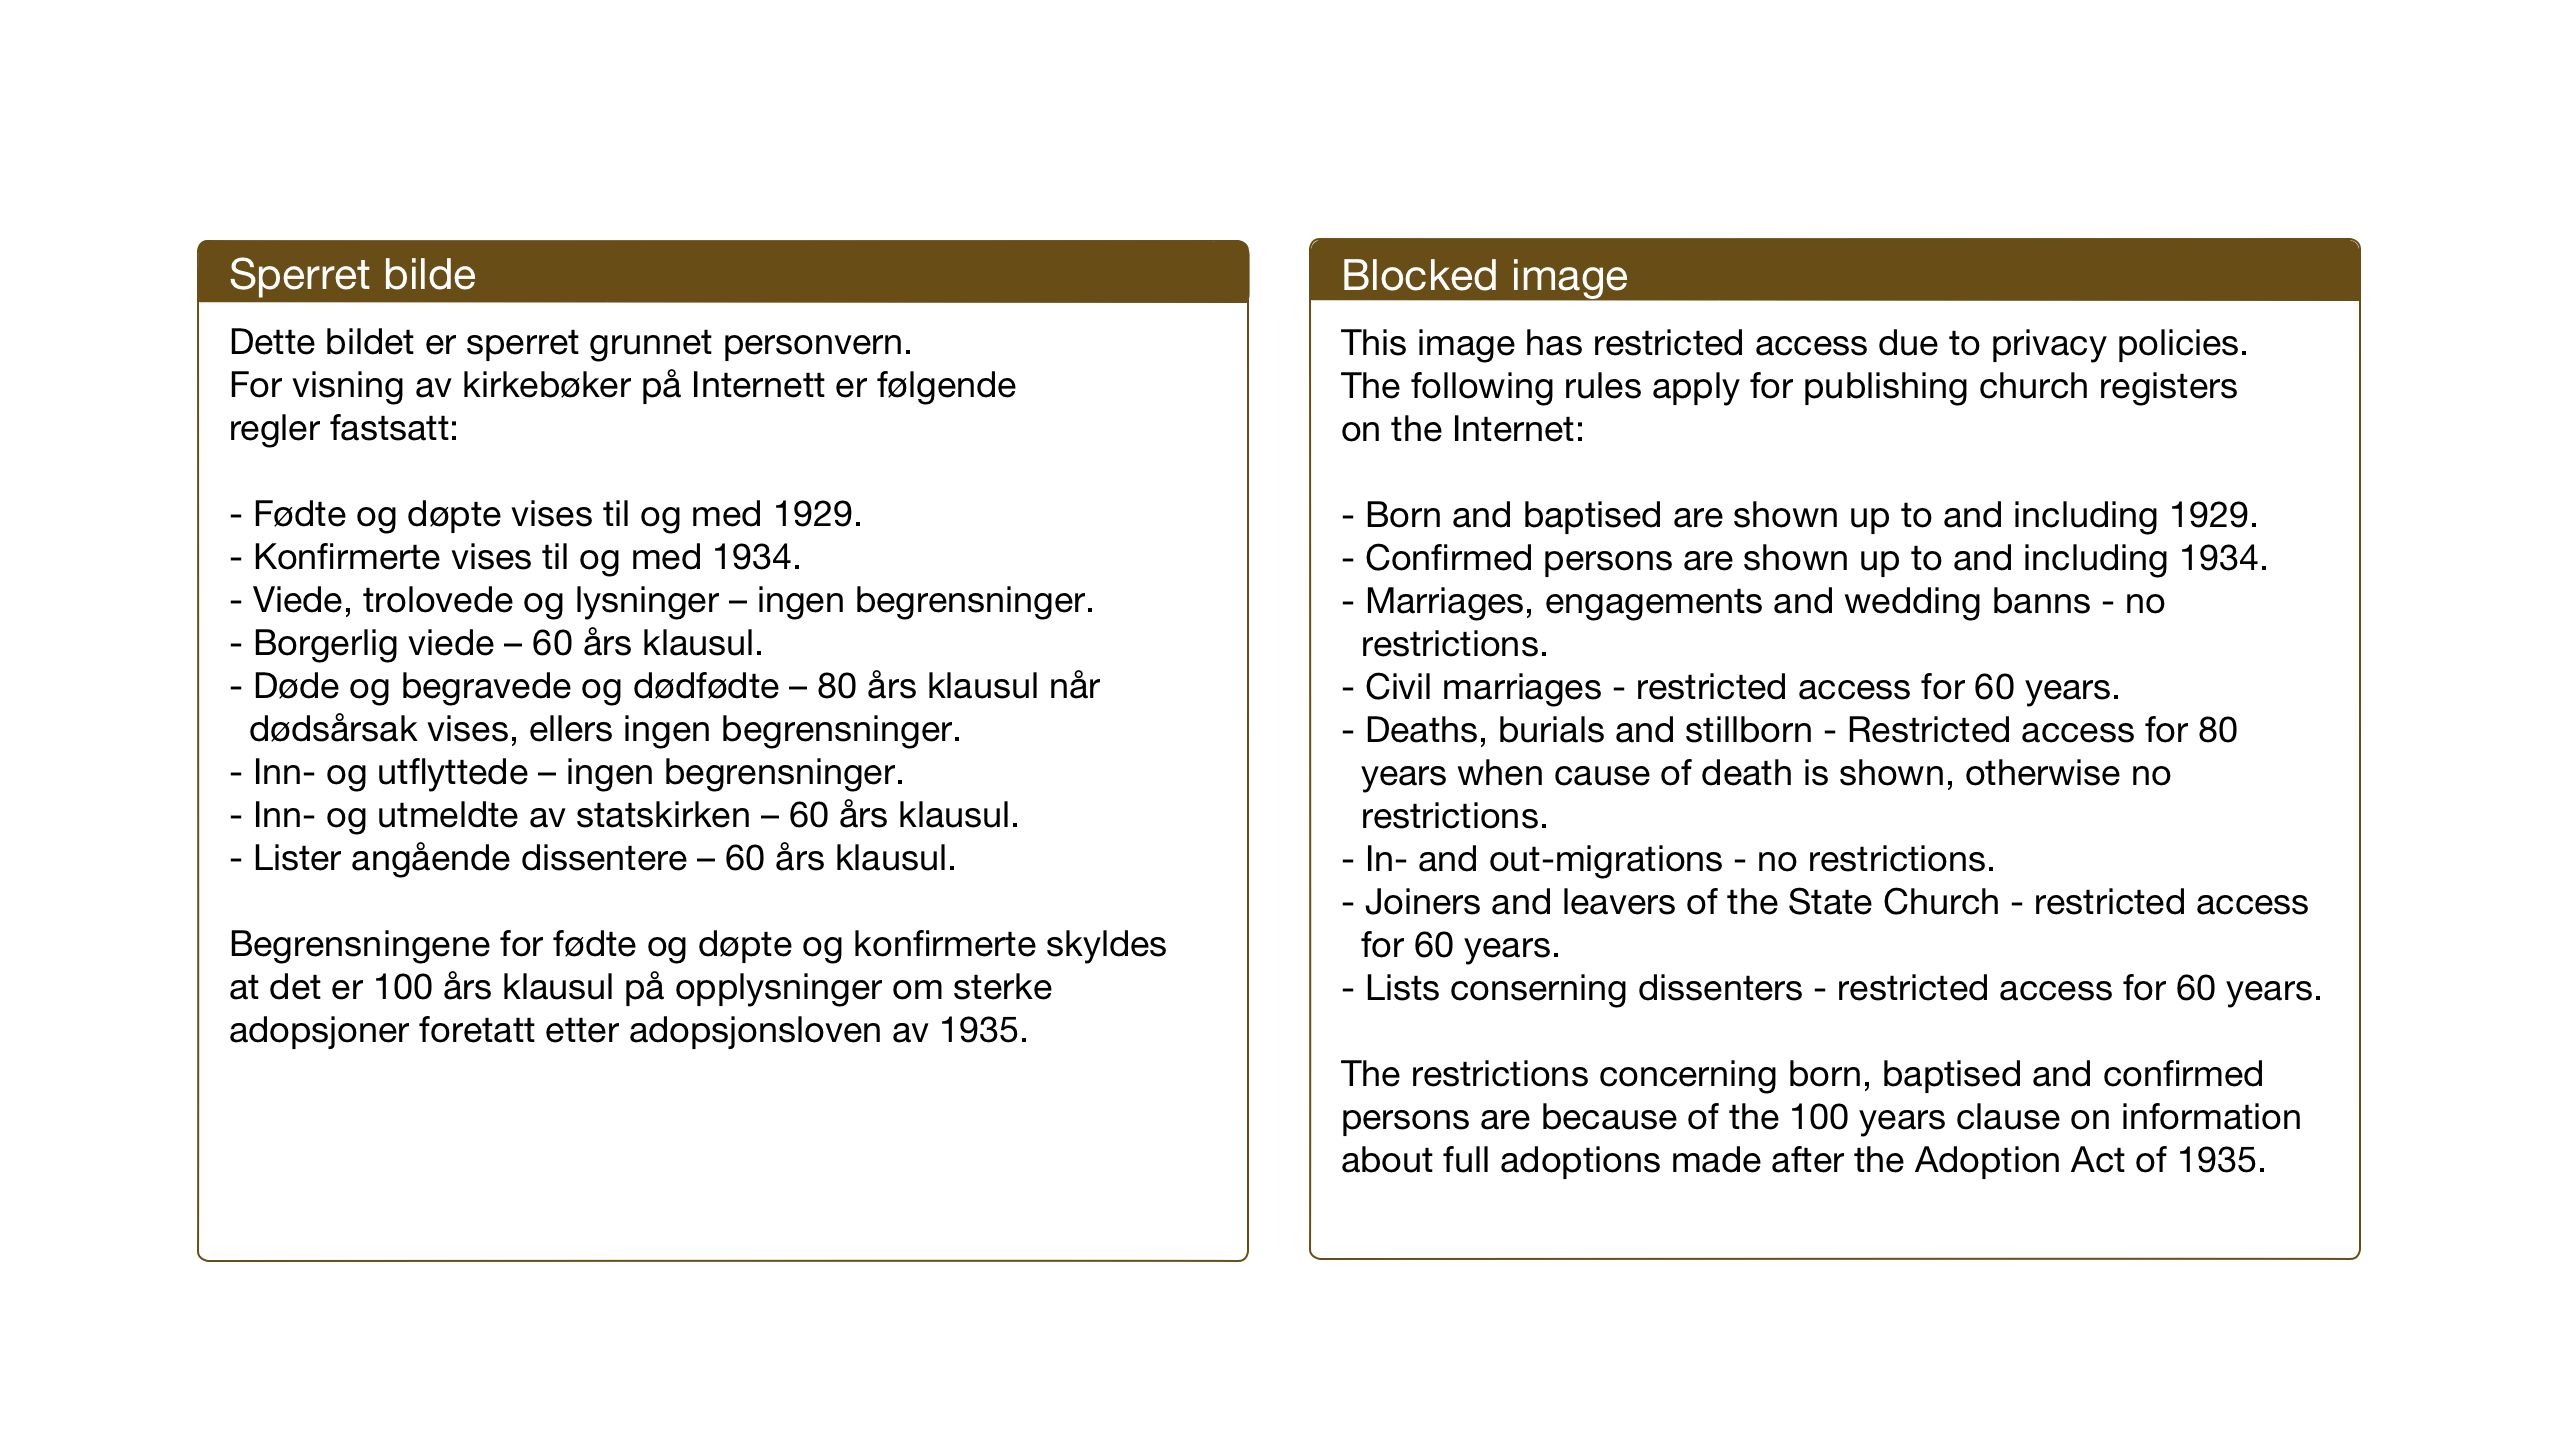 SAT, Ministerialprotokoller, klokkerbøker og fødselsregistre - Sør-Trøndelag, 657/L0718: Klokkerbok nr. 657C05, 1923-1948, s. 42